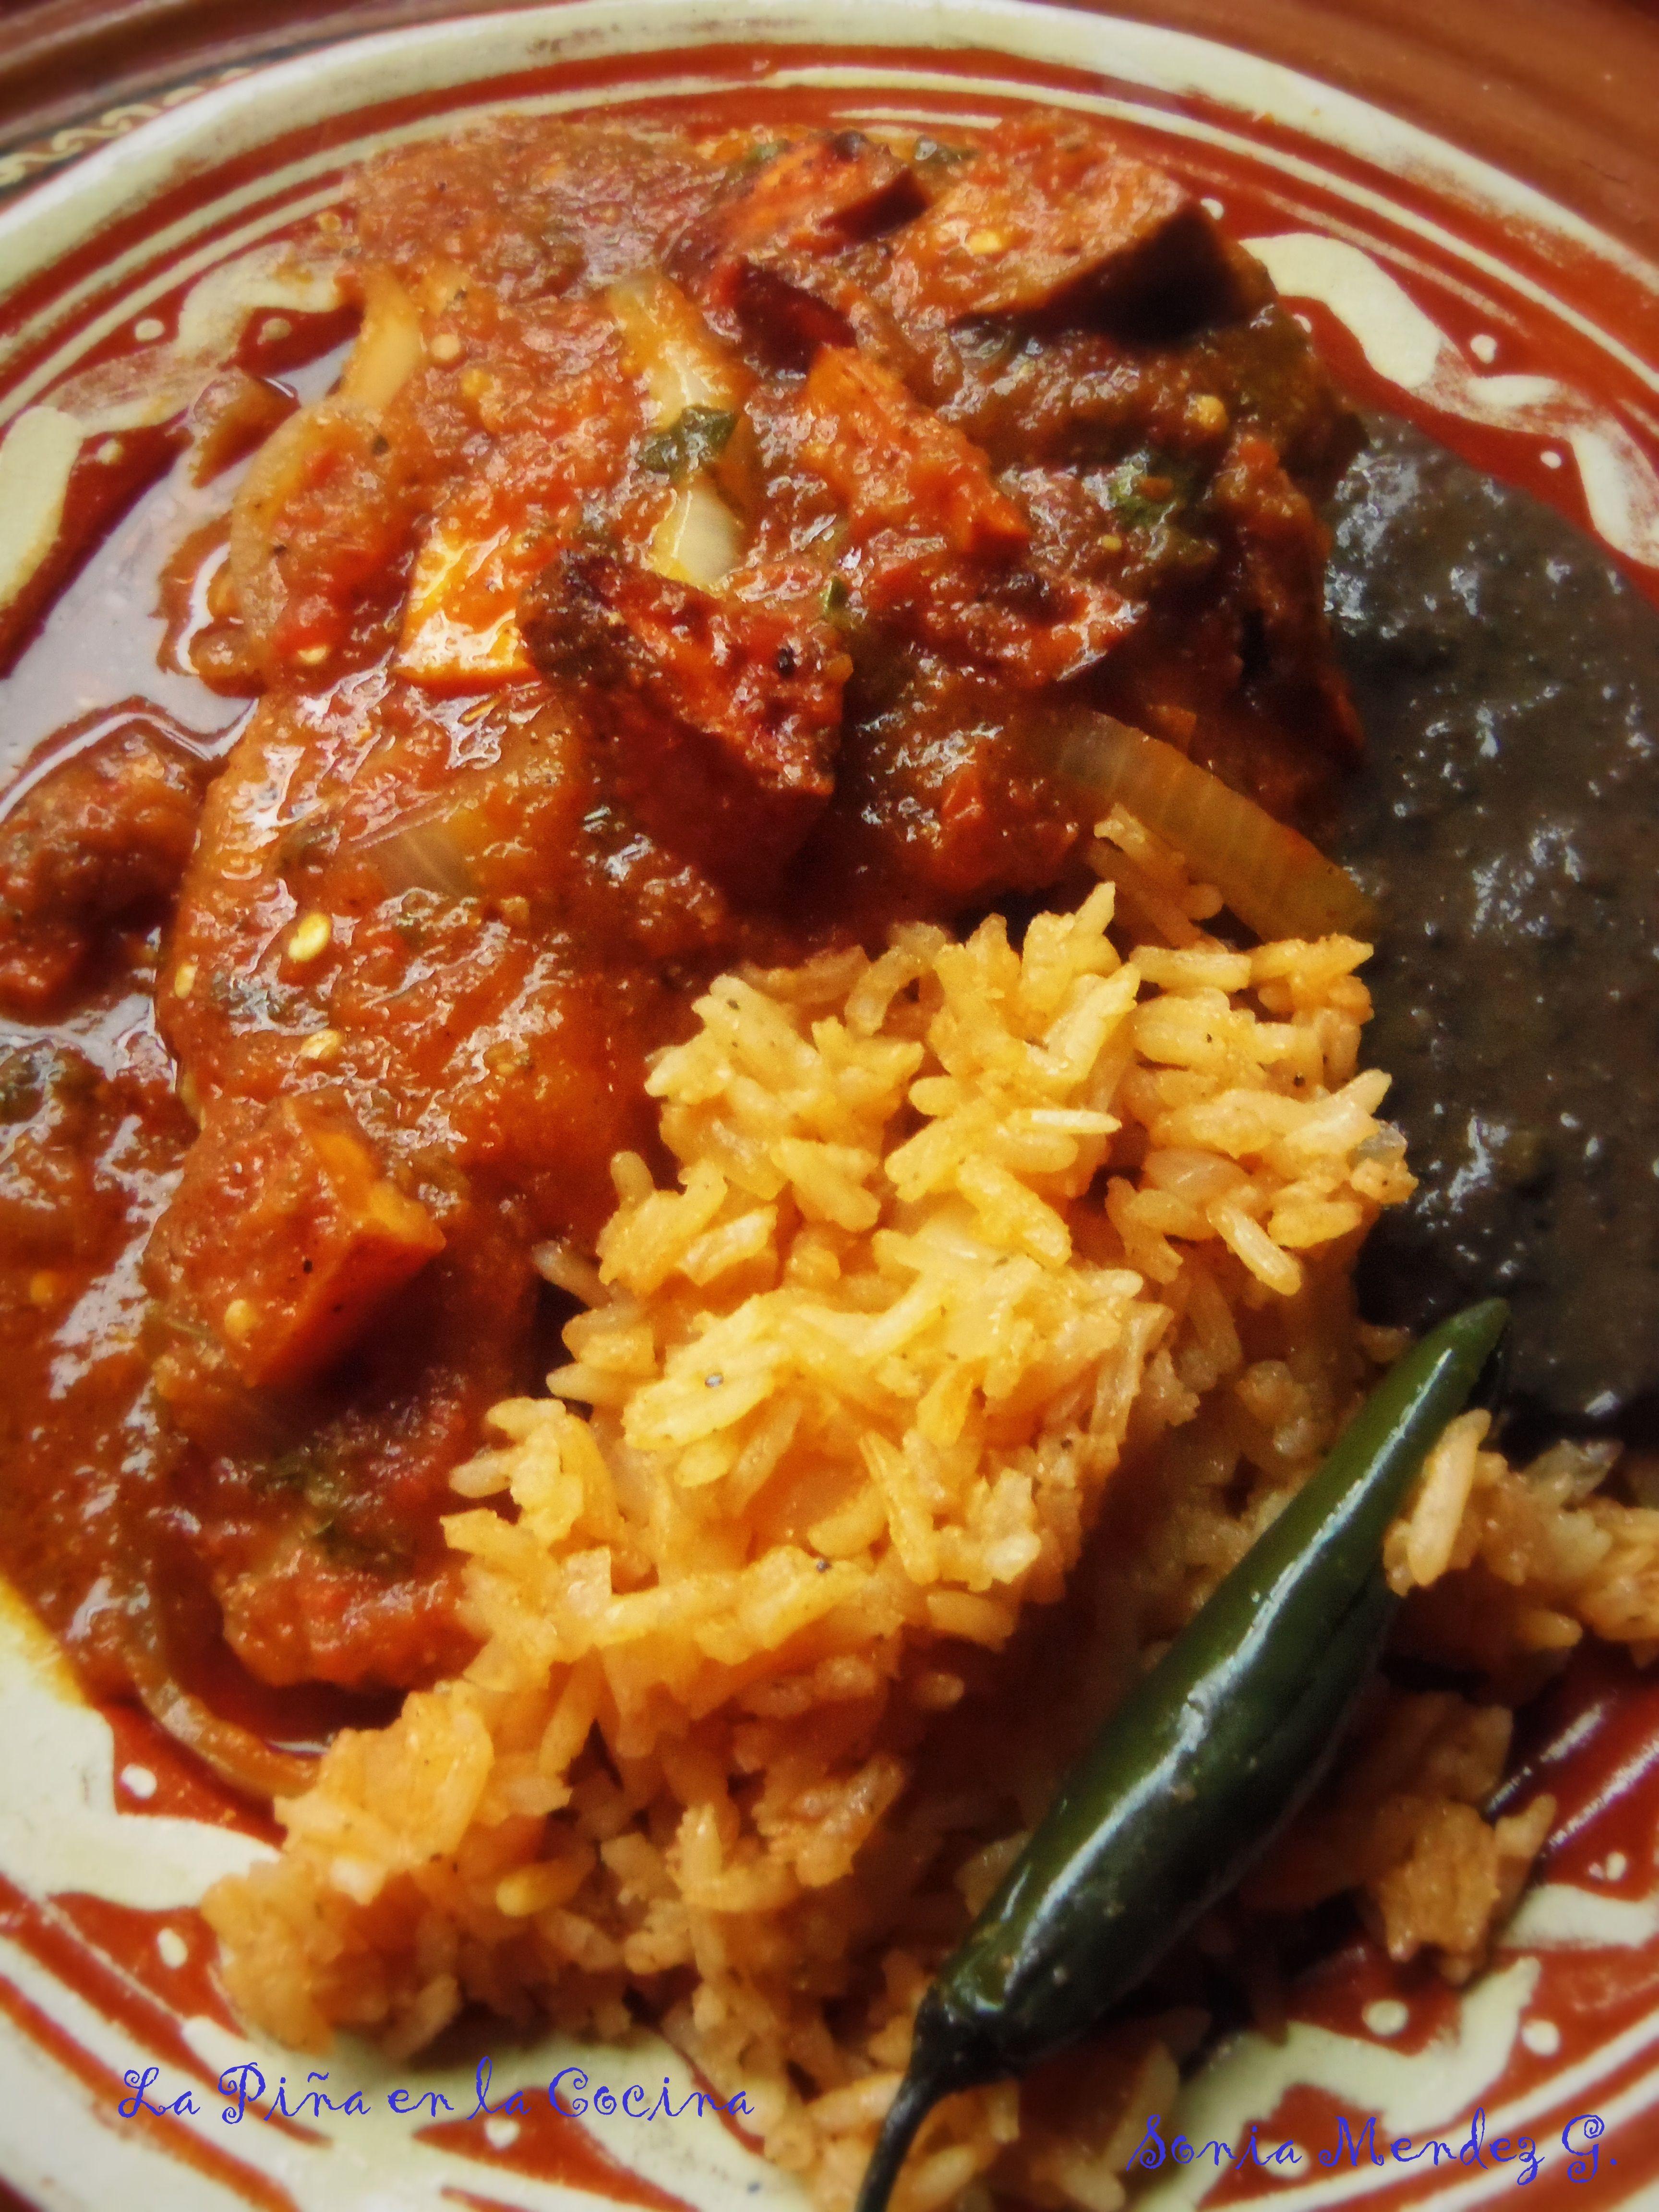 Chuletas De Puerco En Salsa Pork Chops Braised In A Fresh Tomato Salsa La Piña En La Cocina Recipe Mexican Food Recipes Mexican Food Recipes Authentic Recipes